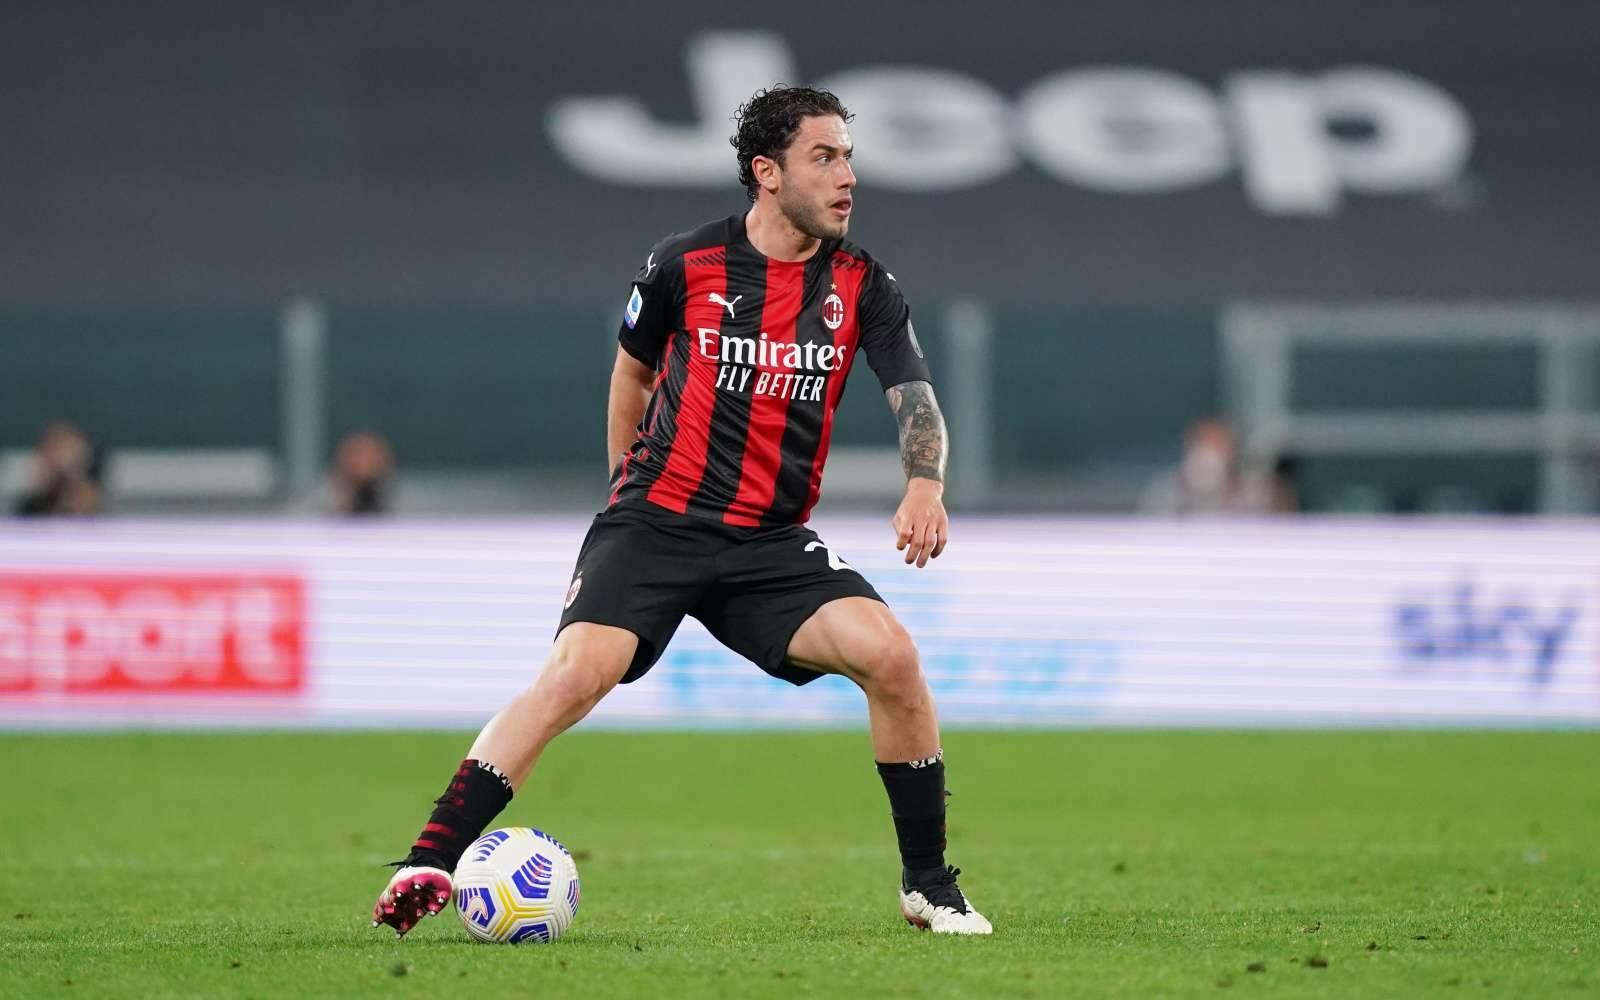 Калабрия: «Если в «Милан» никто не верит, то так даже лучше»